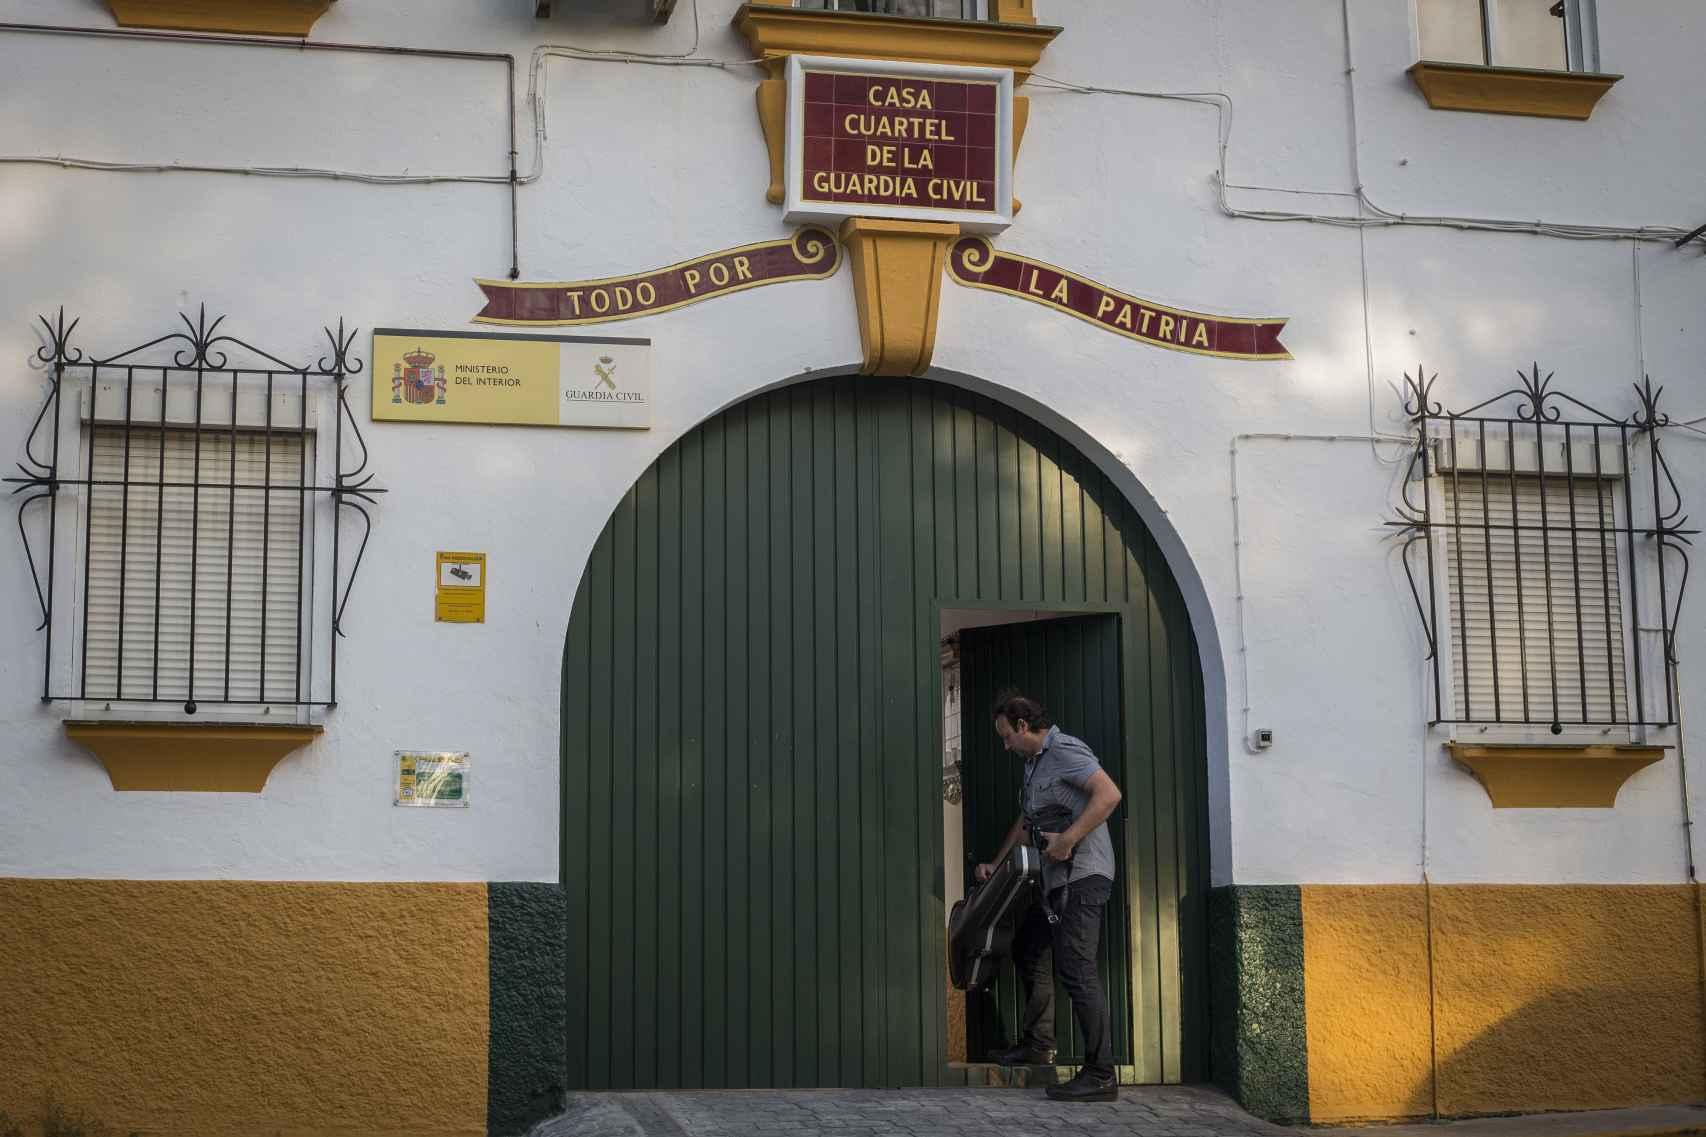 El comandante del puesto de la Guardia Civil de Morón de la Frontera, José Delgado, llegando a su casa cuartel.